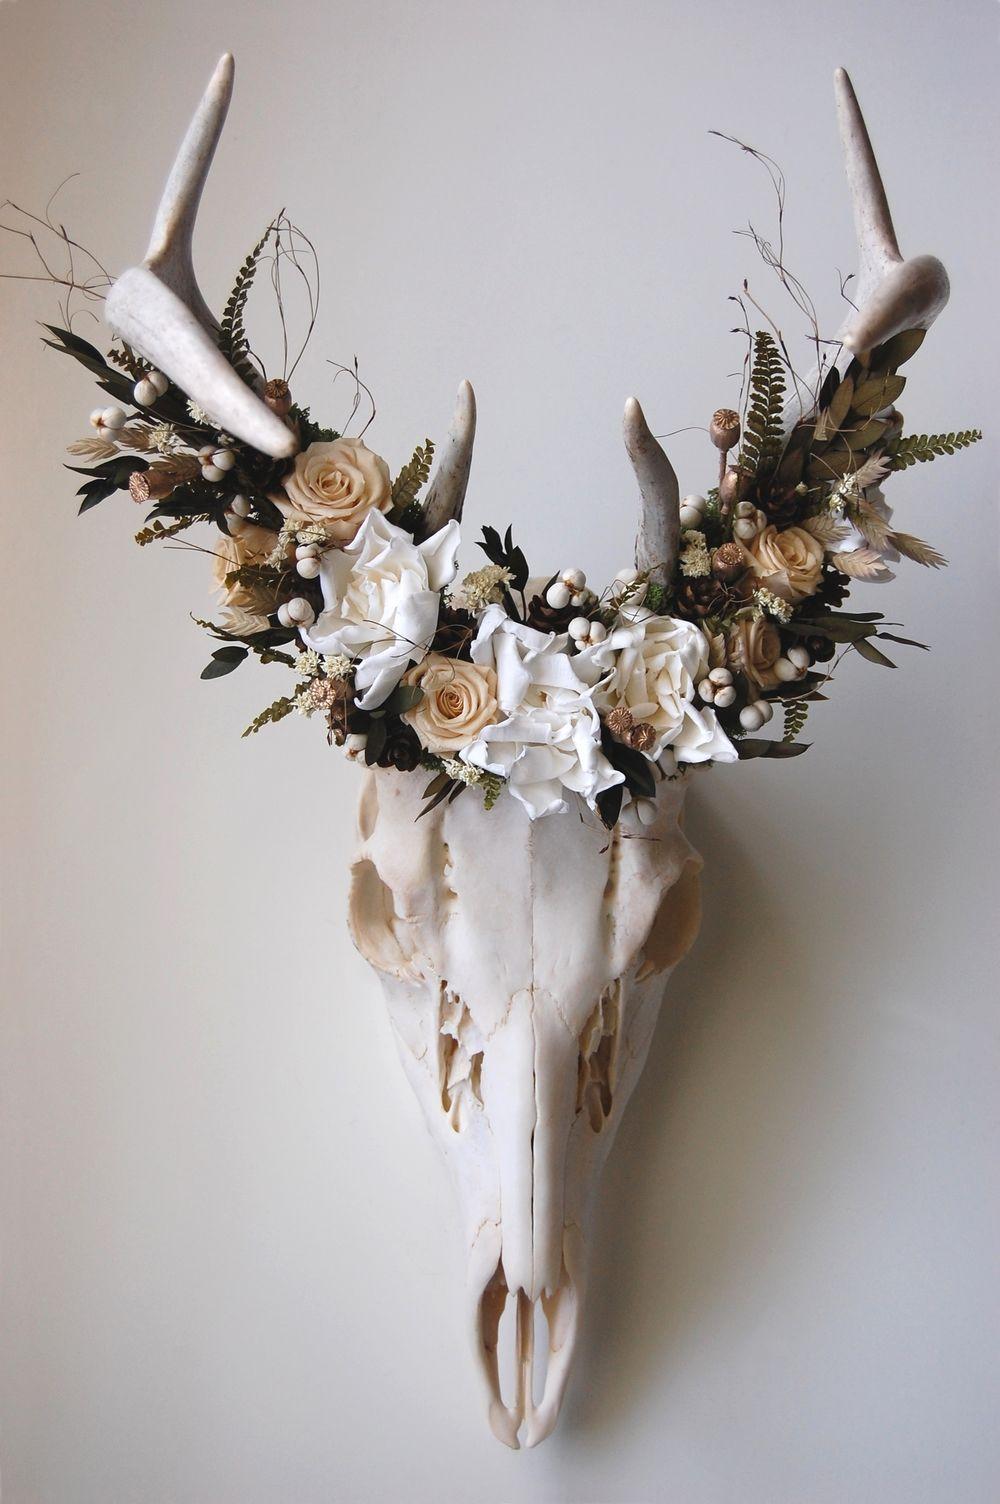 Meghanlacroix Com Deer Skull With Preserved Flower Crown